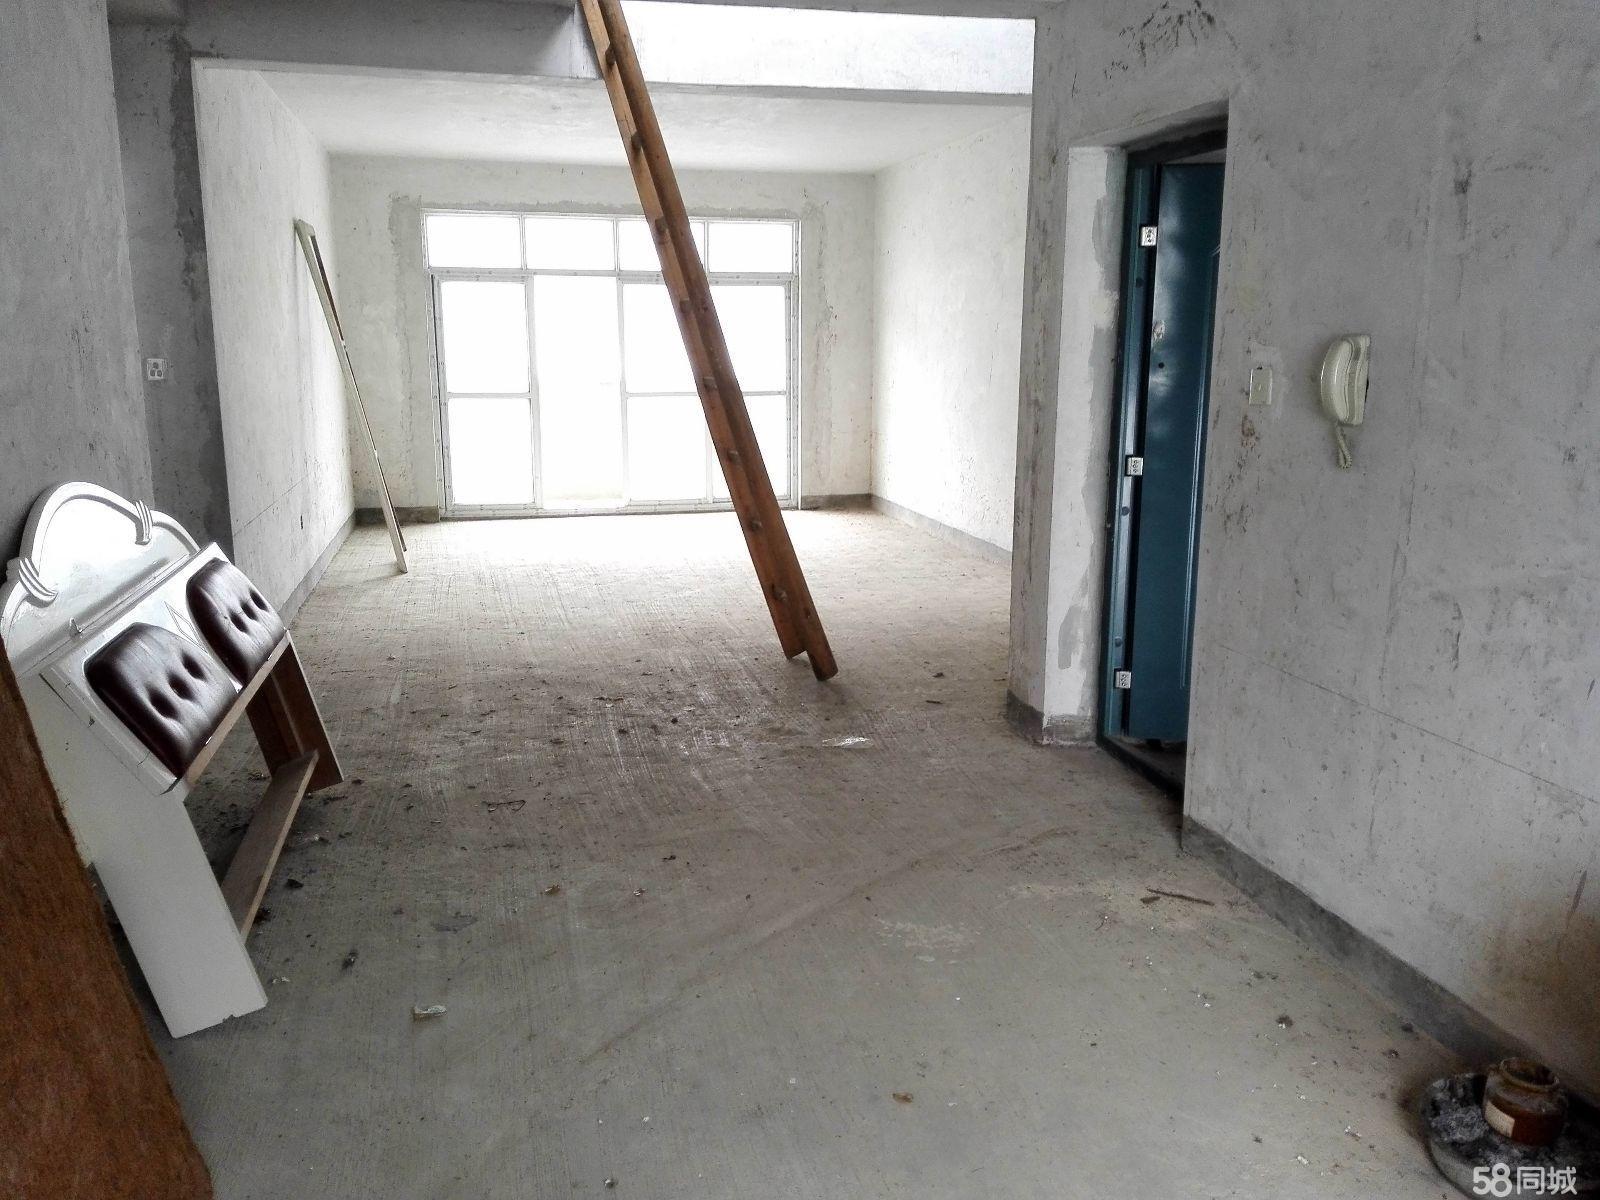 黄平颐景园A区绝版好户型5室3厅3卫181.24平米